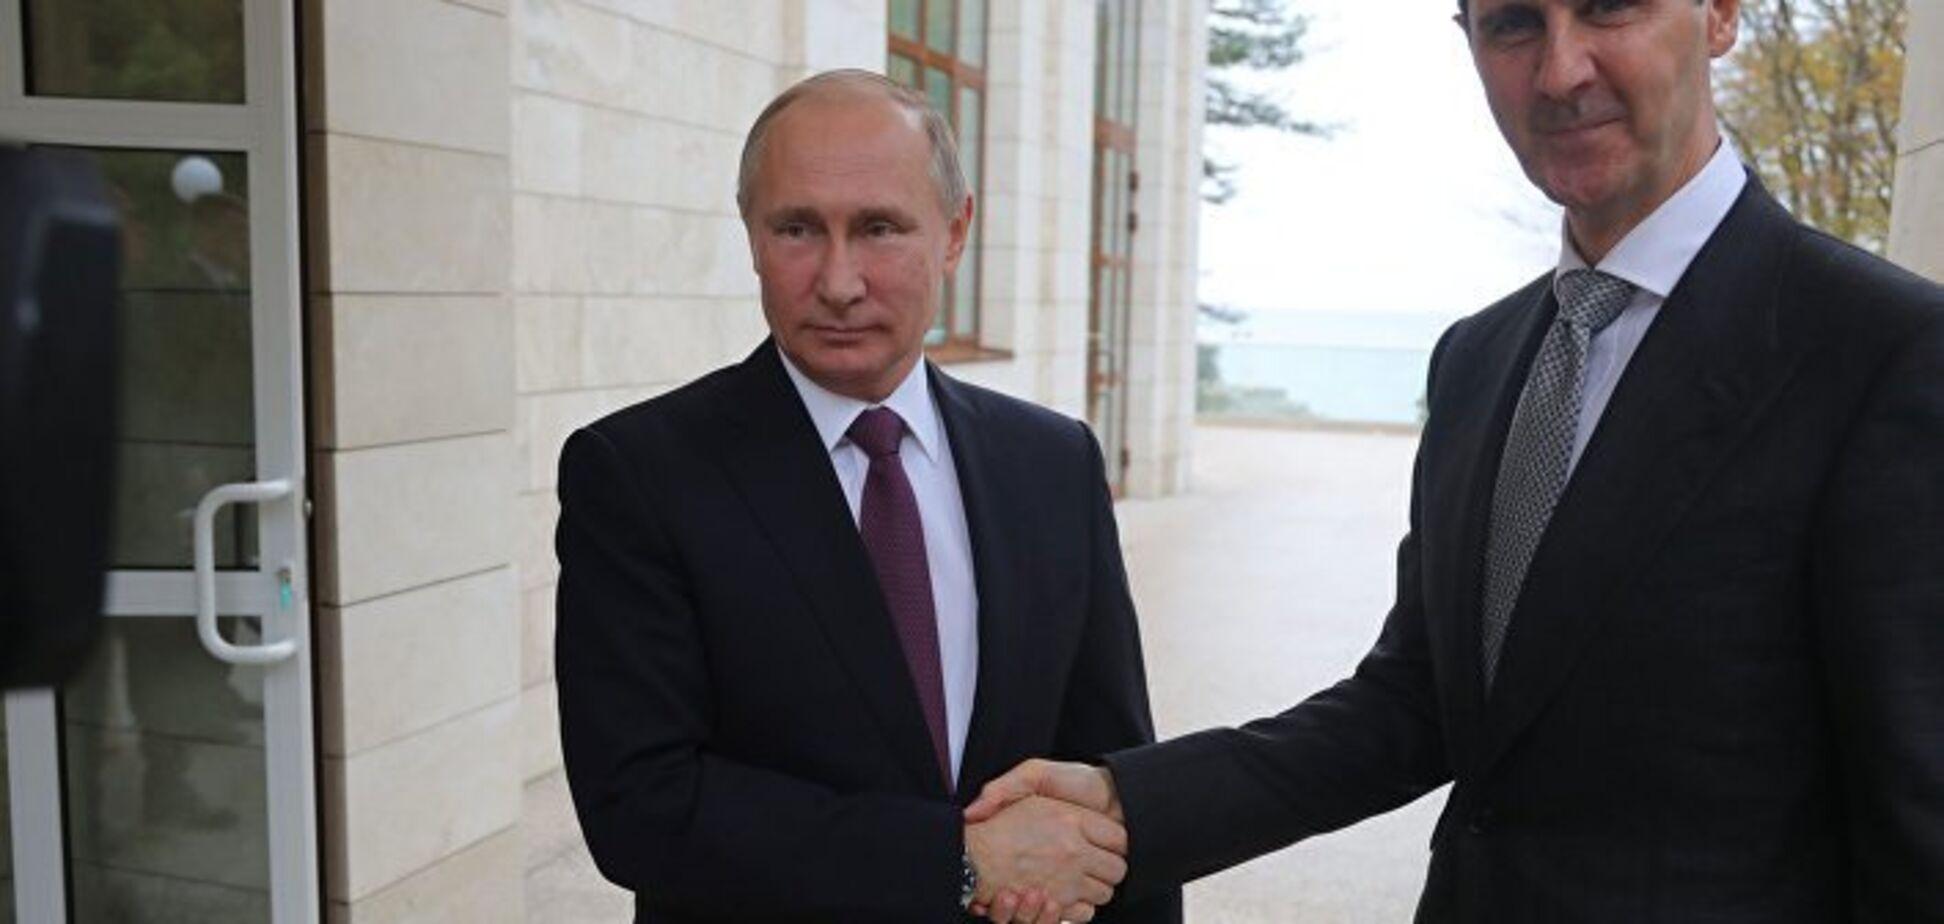 Путин с Асадом  оправдываться стали прежде, чем что-либо натворили